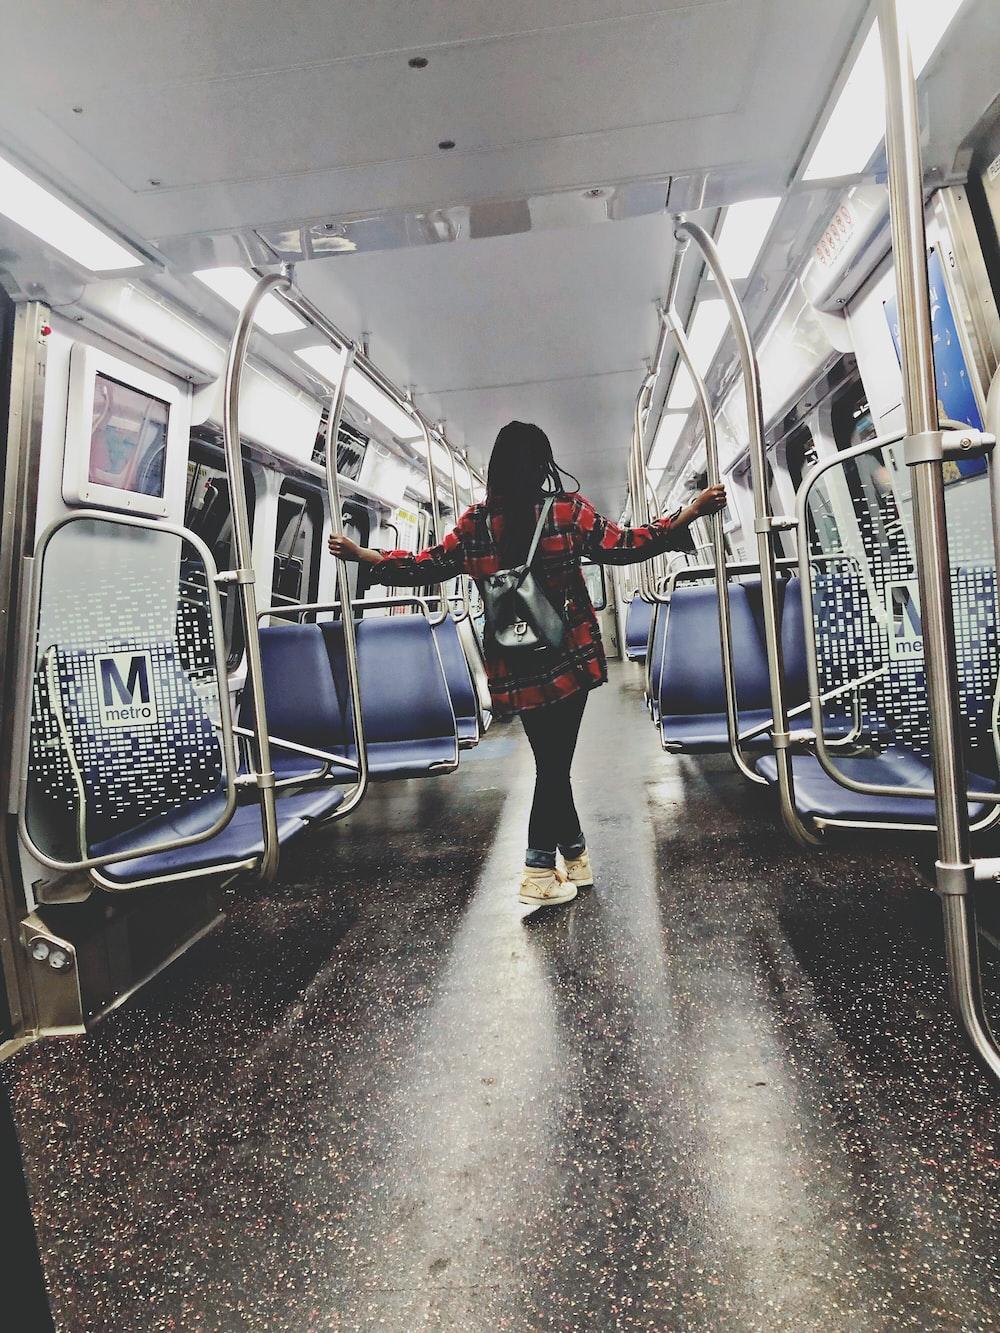 woman standing inside train